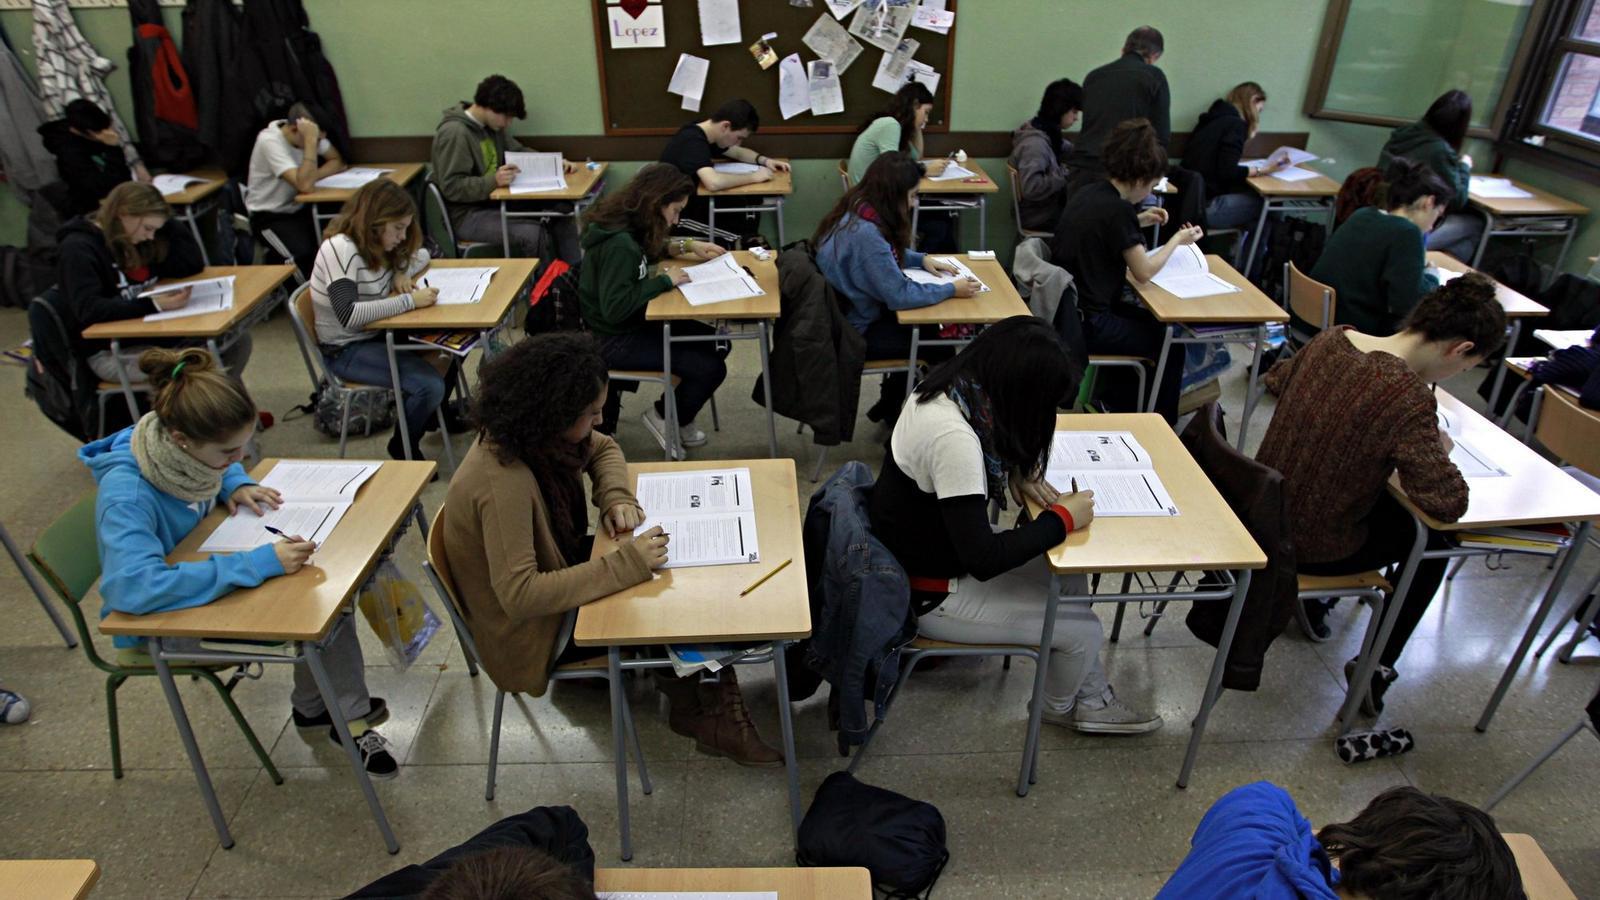 Un total de 59.423 alumnes de tot Catalunya van fer al febrer les proves de 4t d'ESO, com aquests de l'institut La Sedeta.